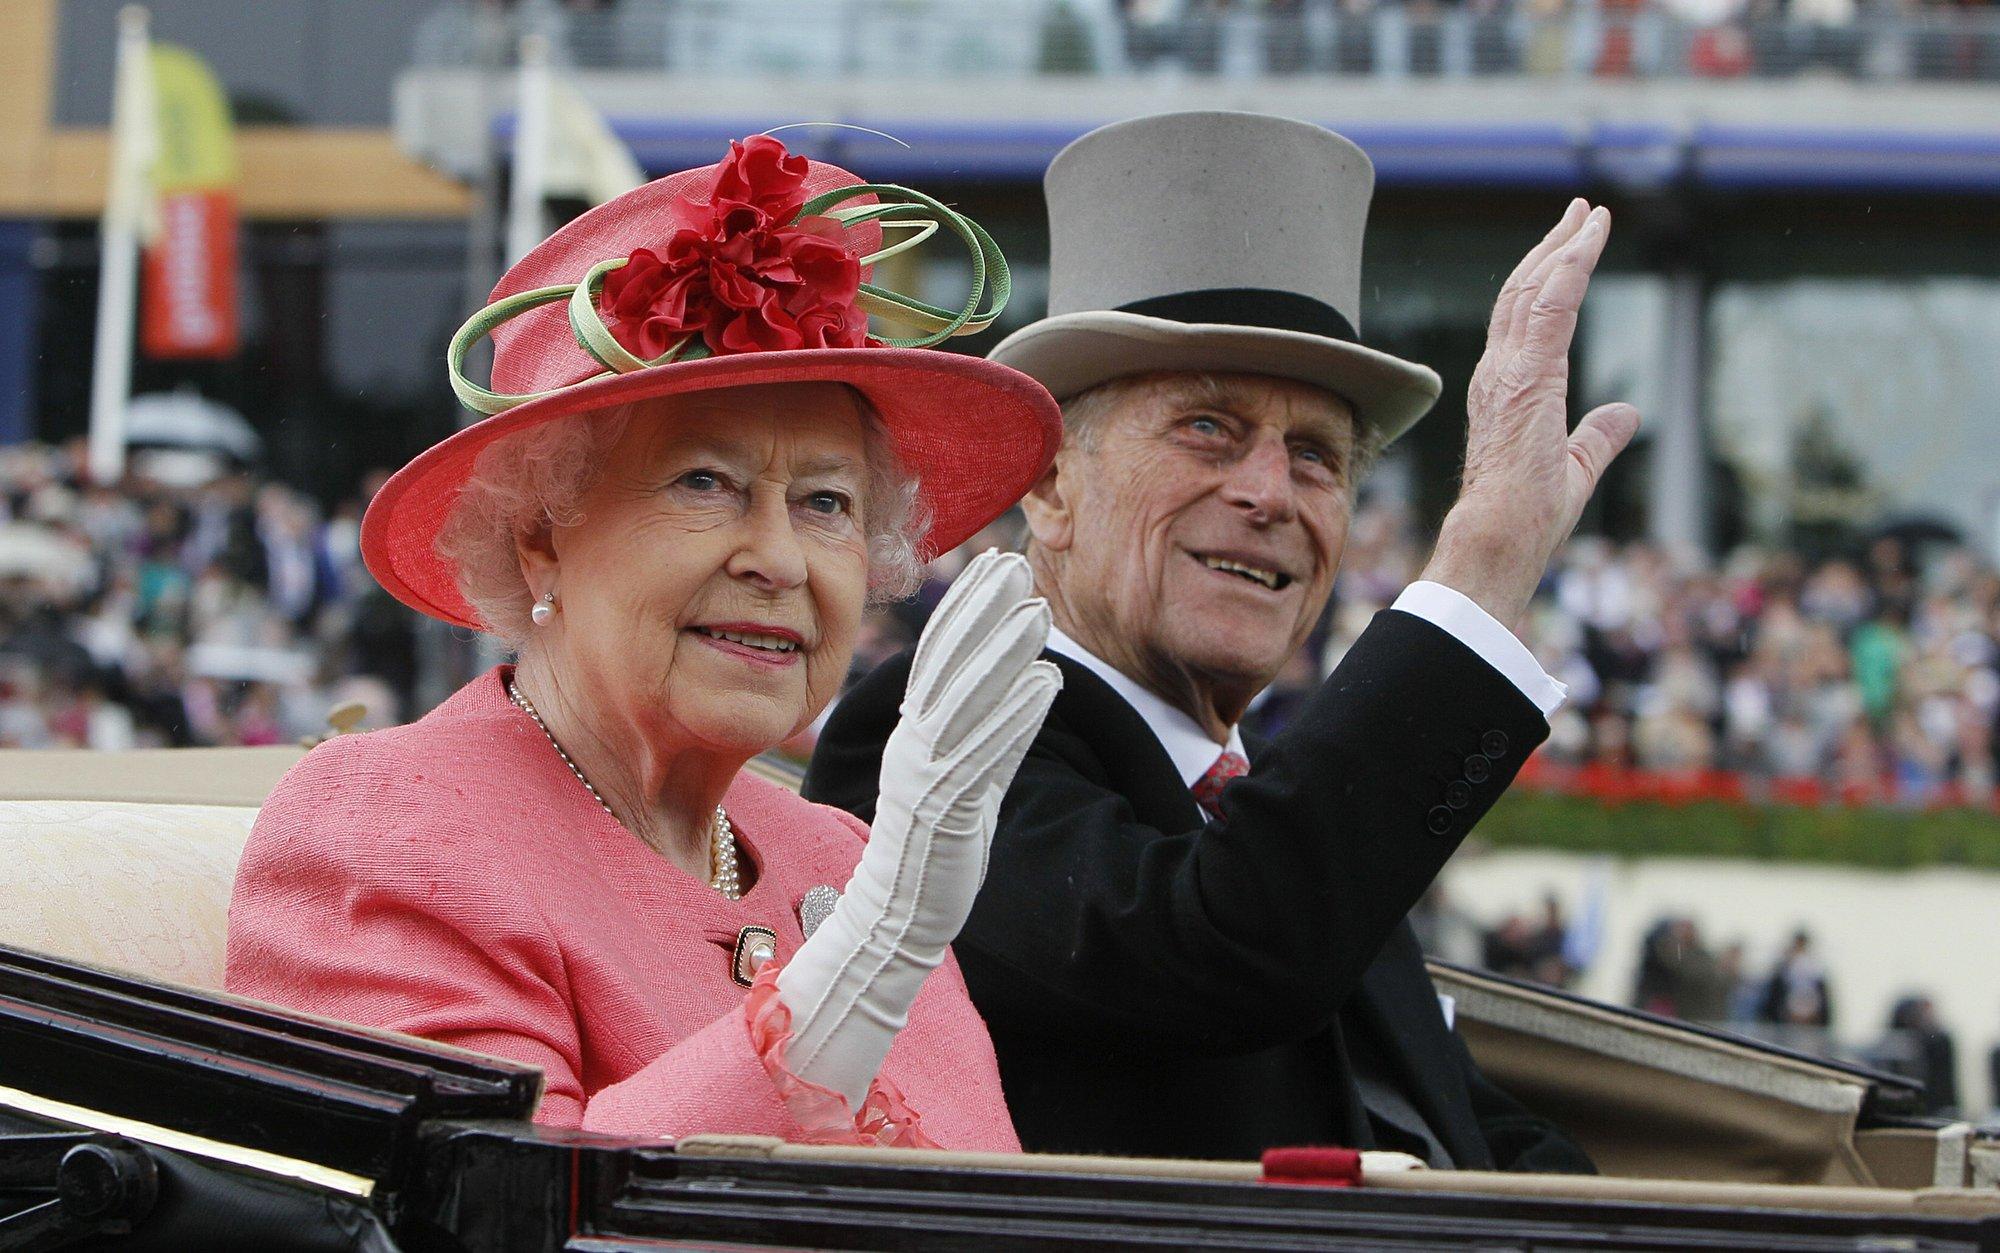 Prince Philip in royal spotlight